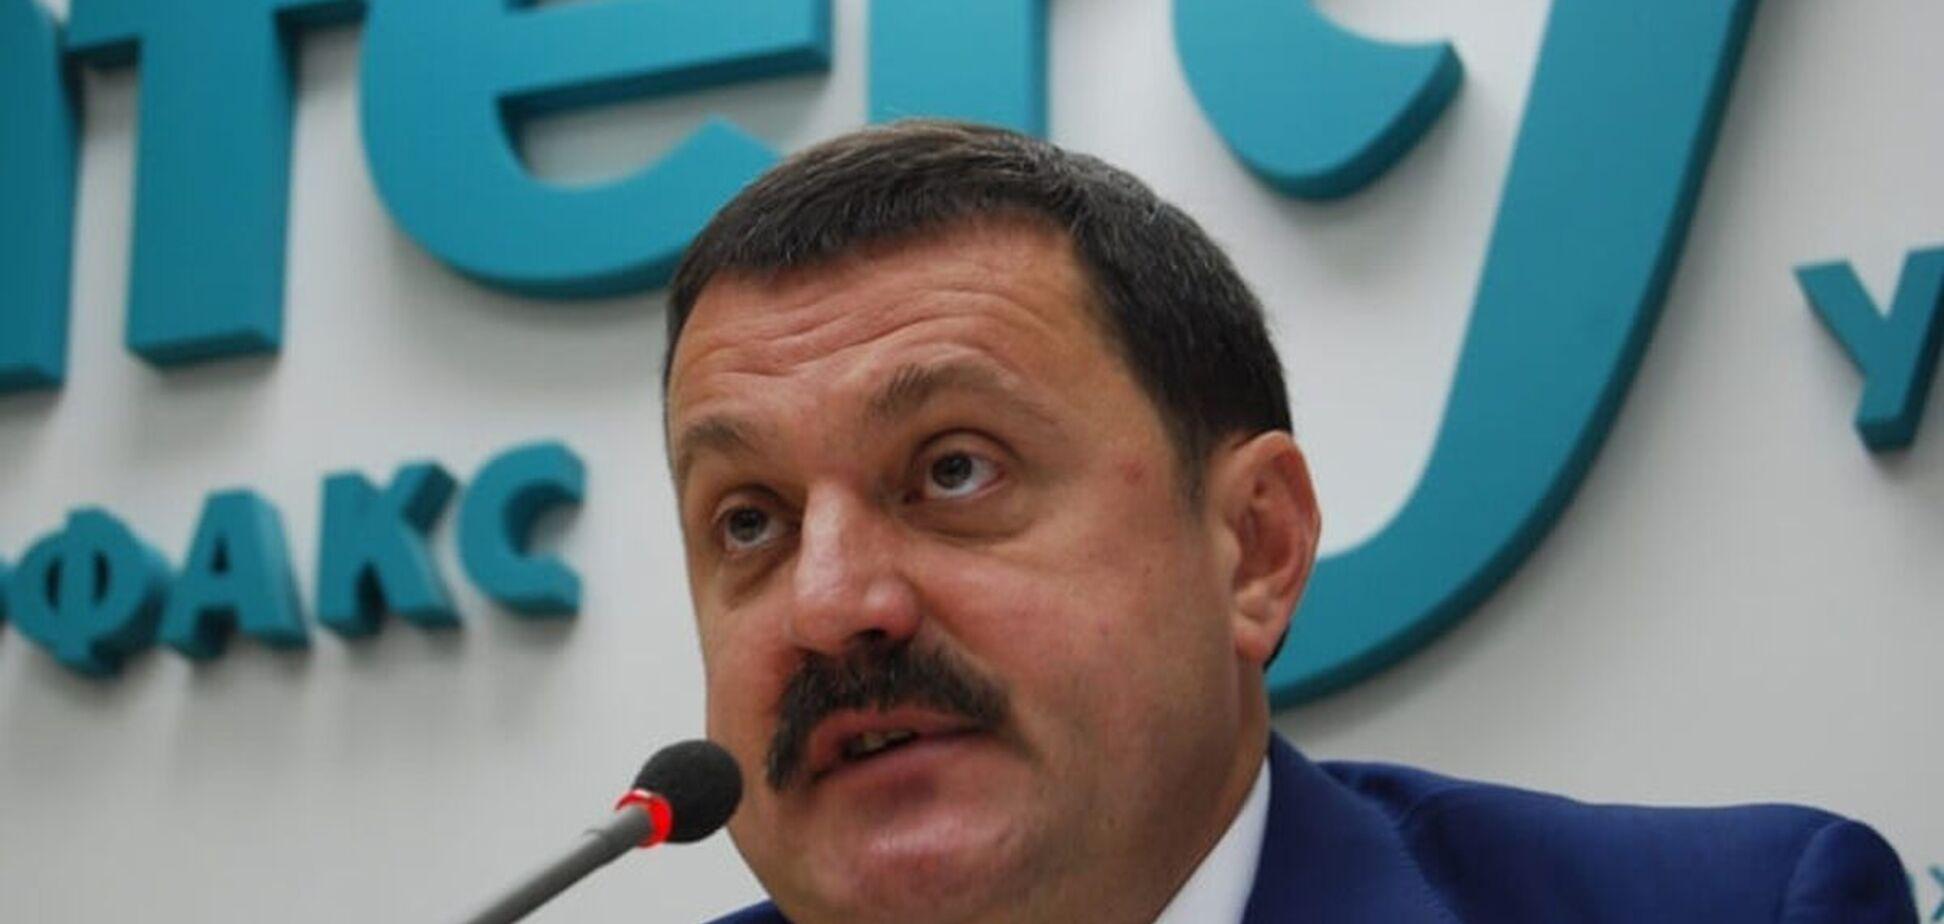 США обвинили Деркача в сотрудничестве со шпионским ведомством России – СМИ